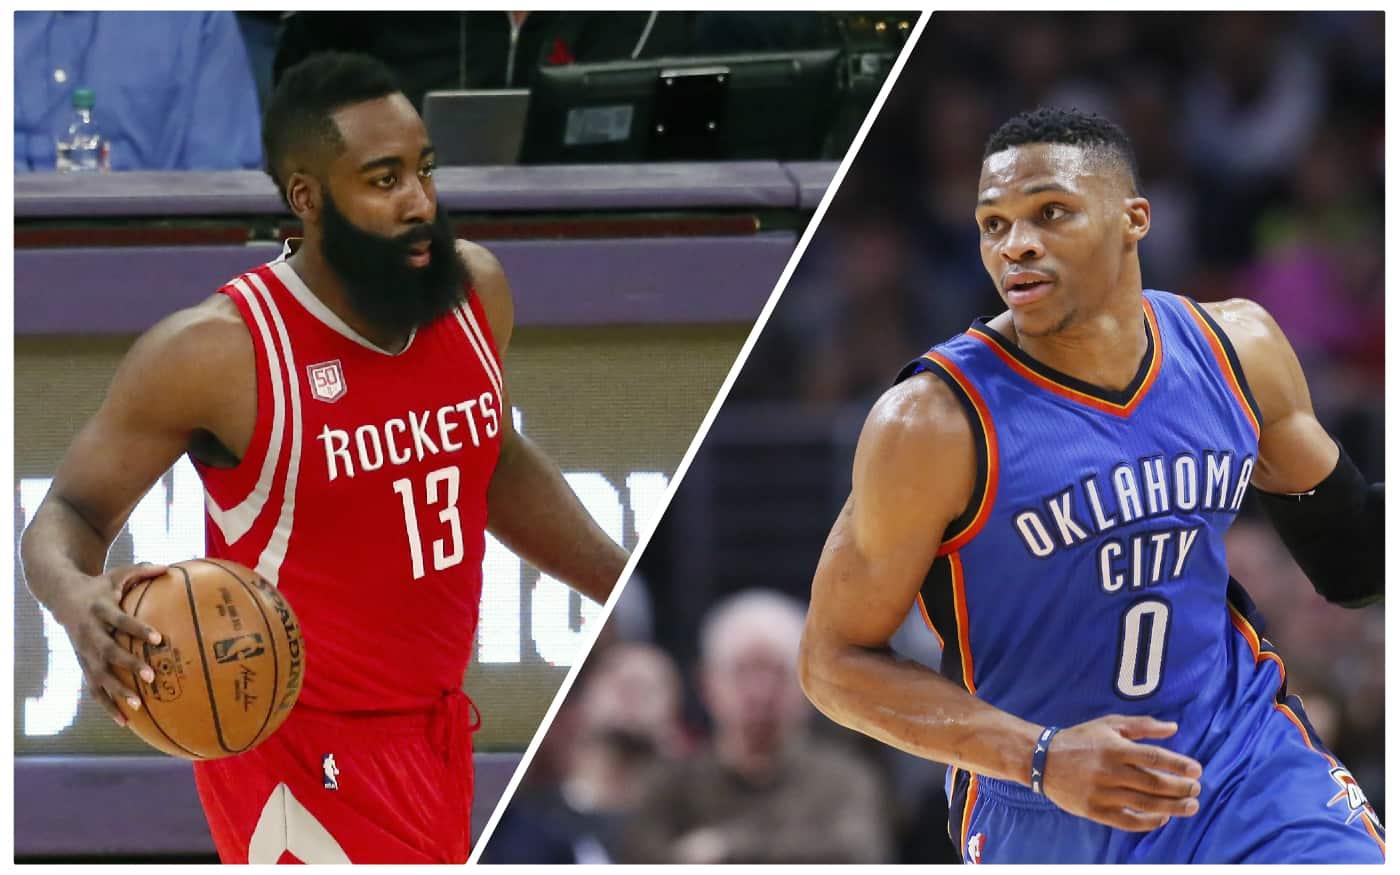 Le duel pour le MVP entre James Harden et Russell Westbrook ne fait clairement pas lever les foules